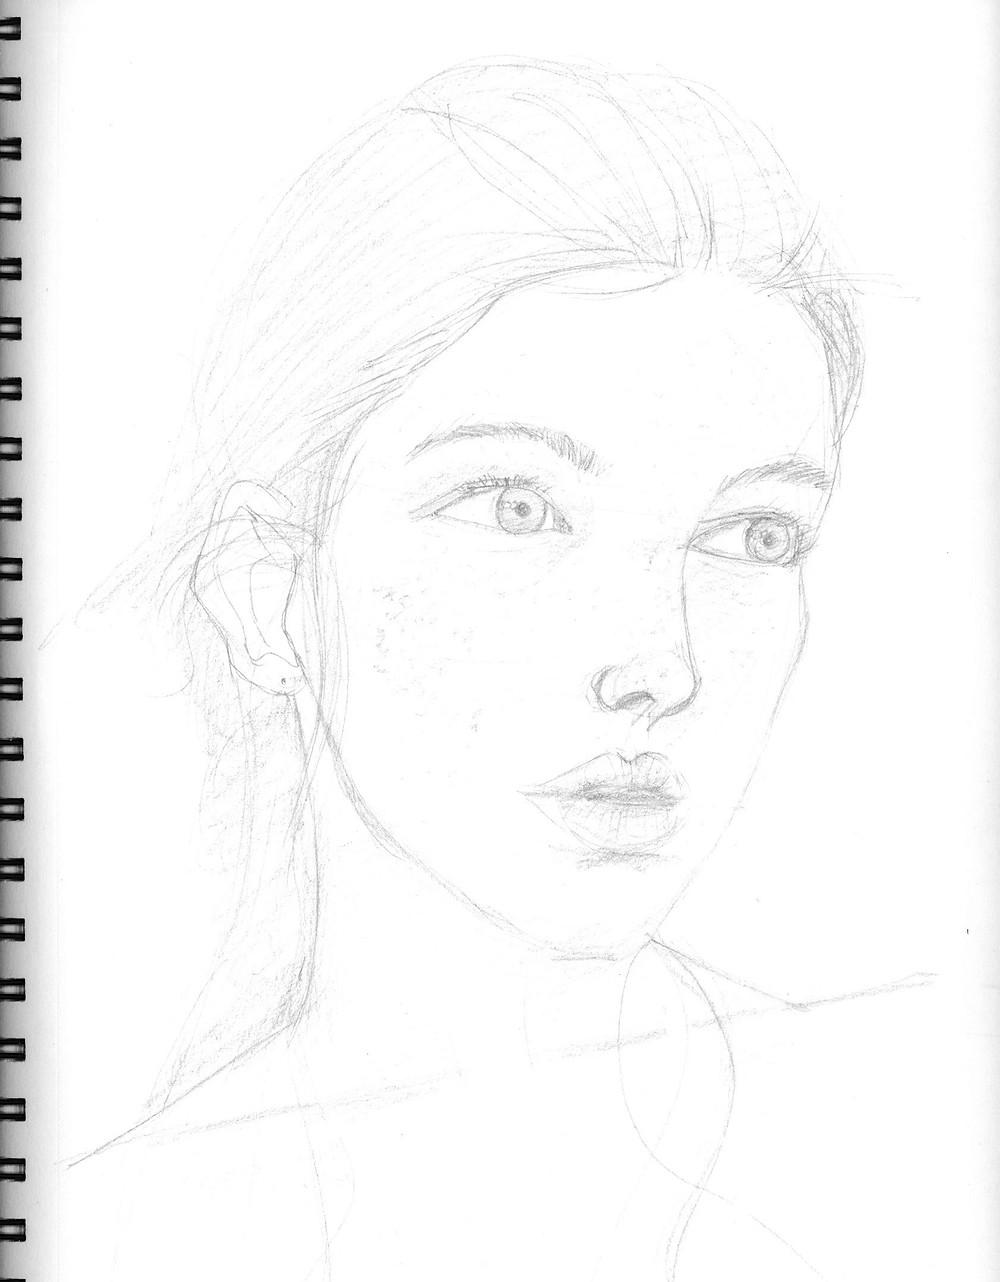 Female Portrait #4, graphite sketch